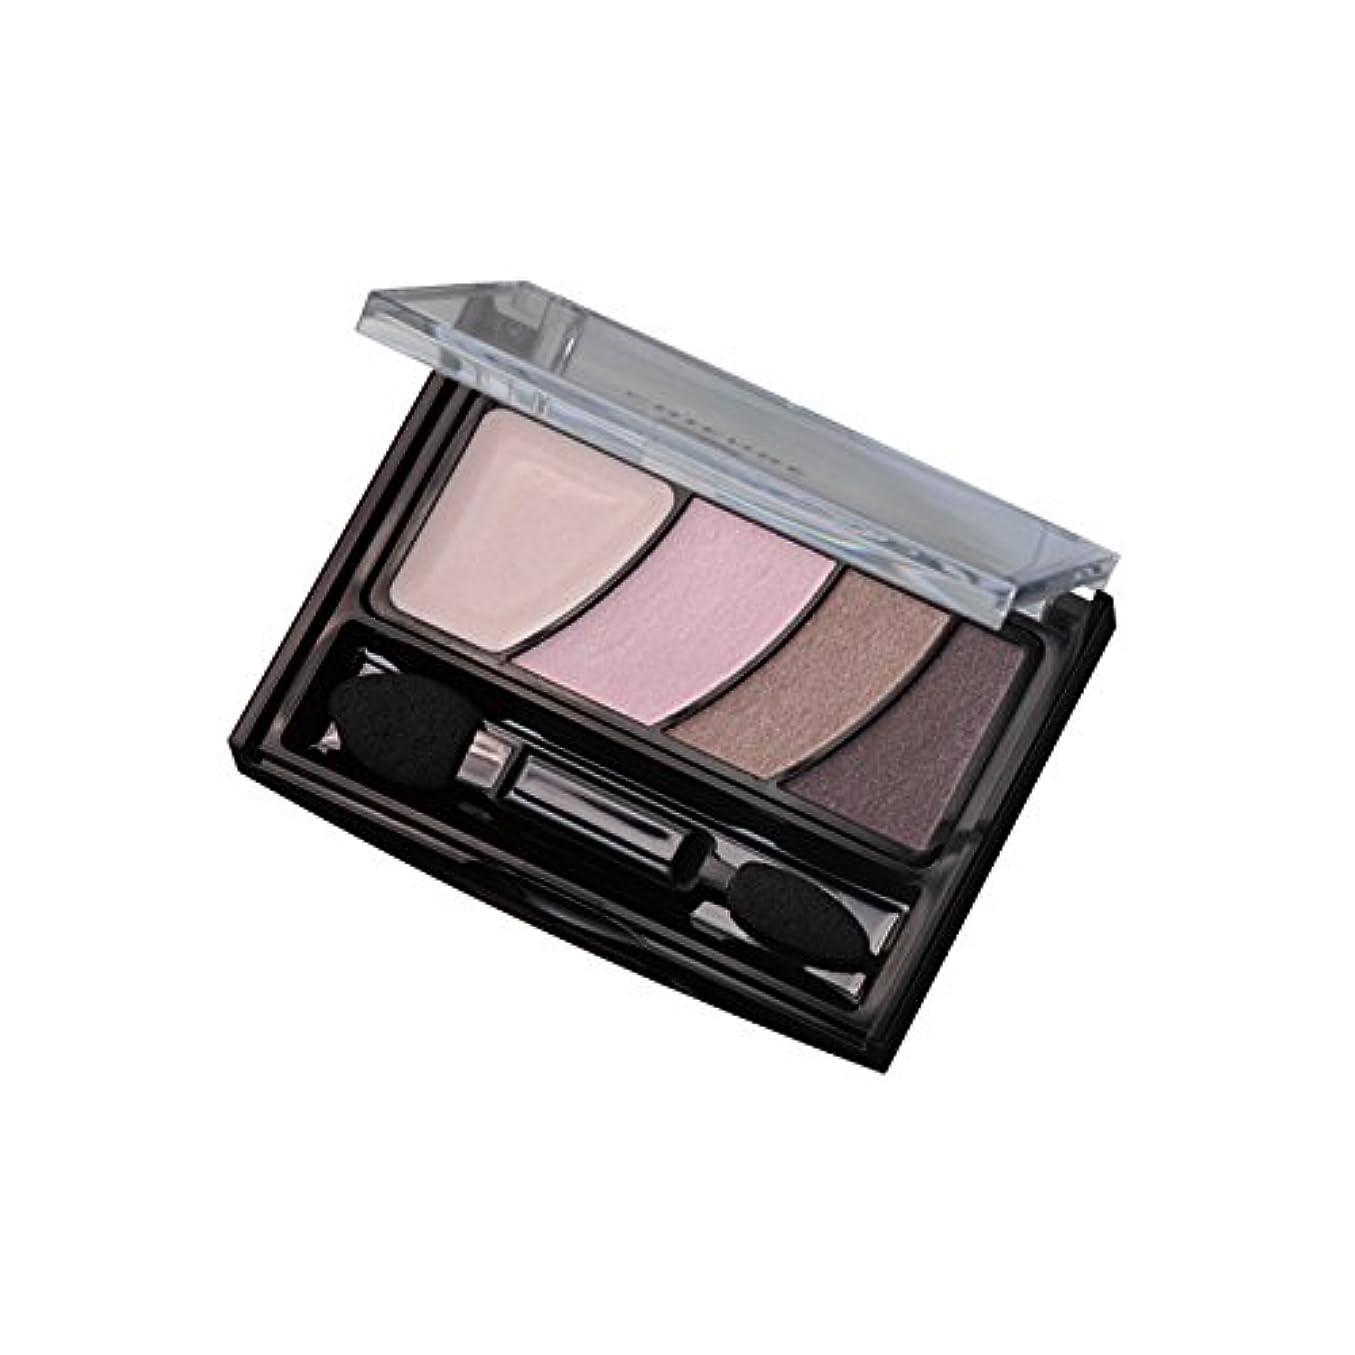 ちふれ化粧品 グラデーション アイ カラー(チップ付) ピンク系 アイカラー12